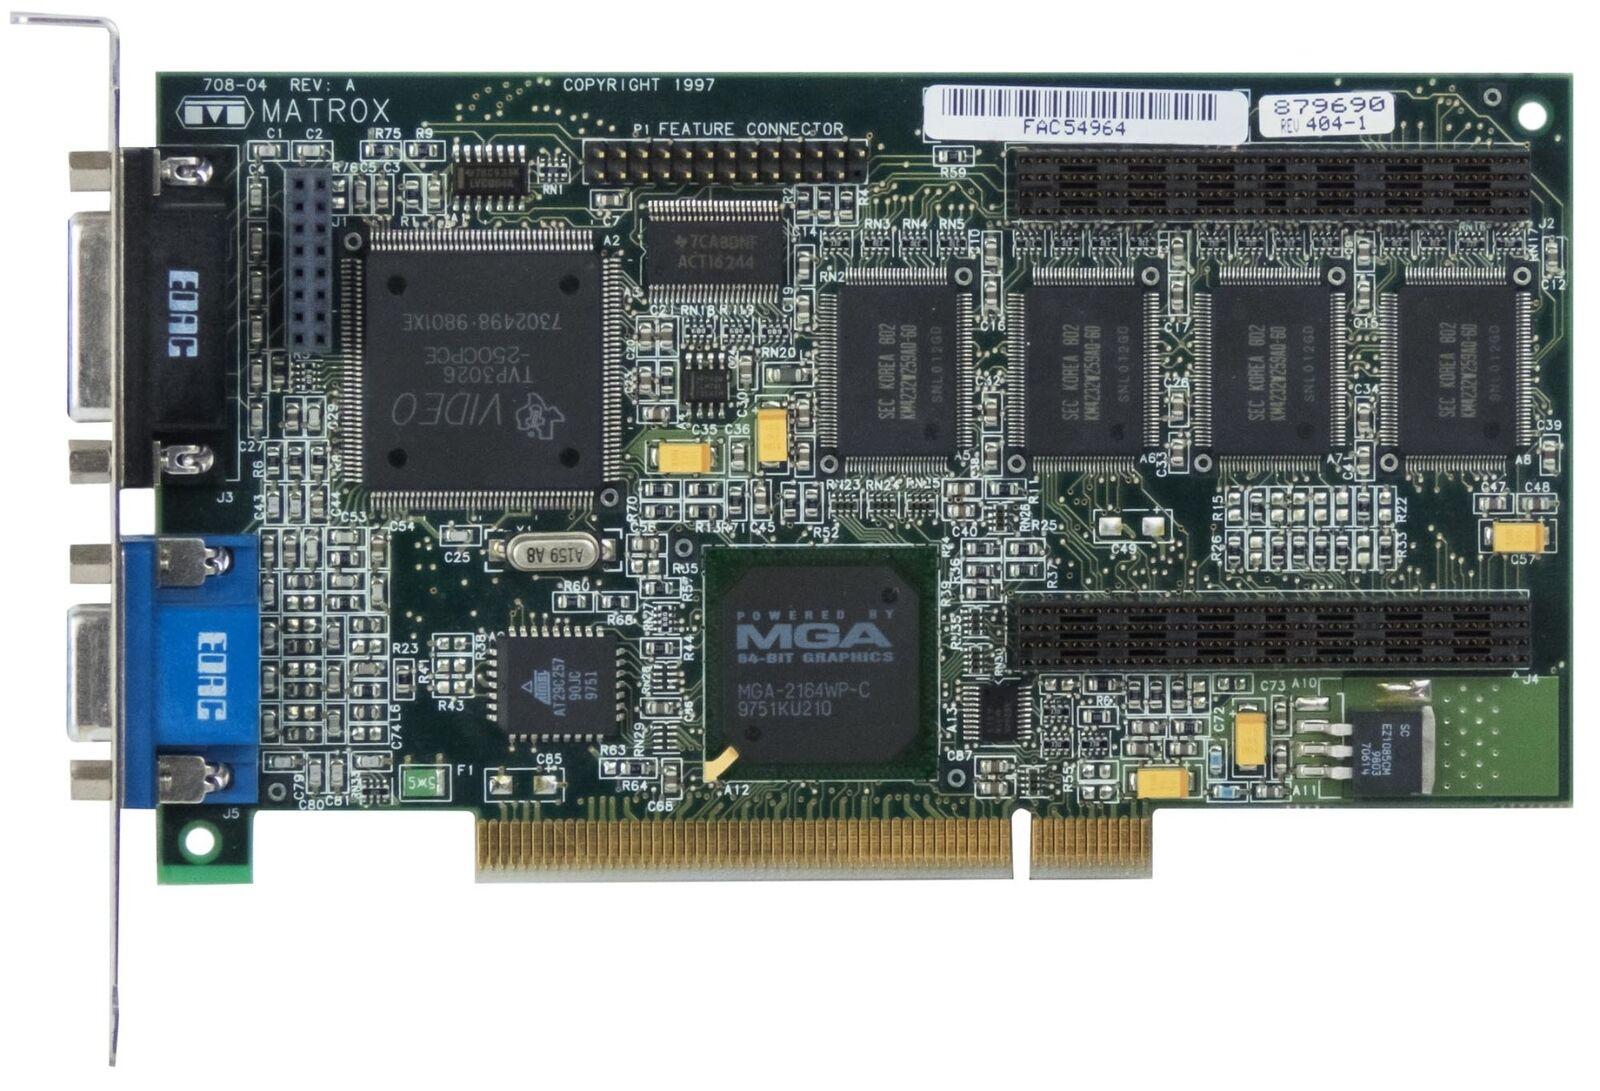 MATROX MILLENIUM II 4MB MIL2P/4I 708-04 PCI VGA